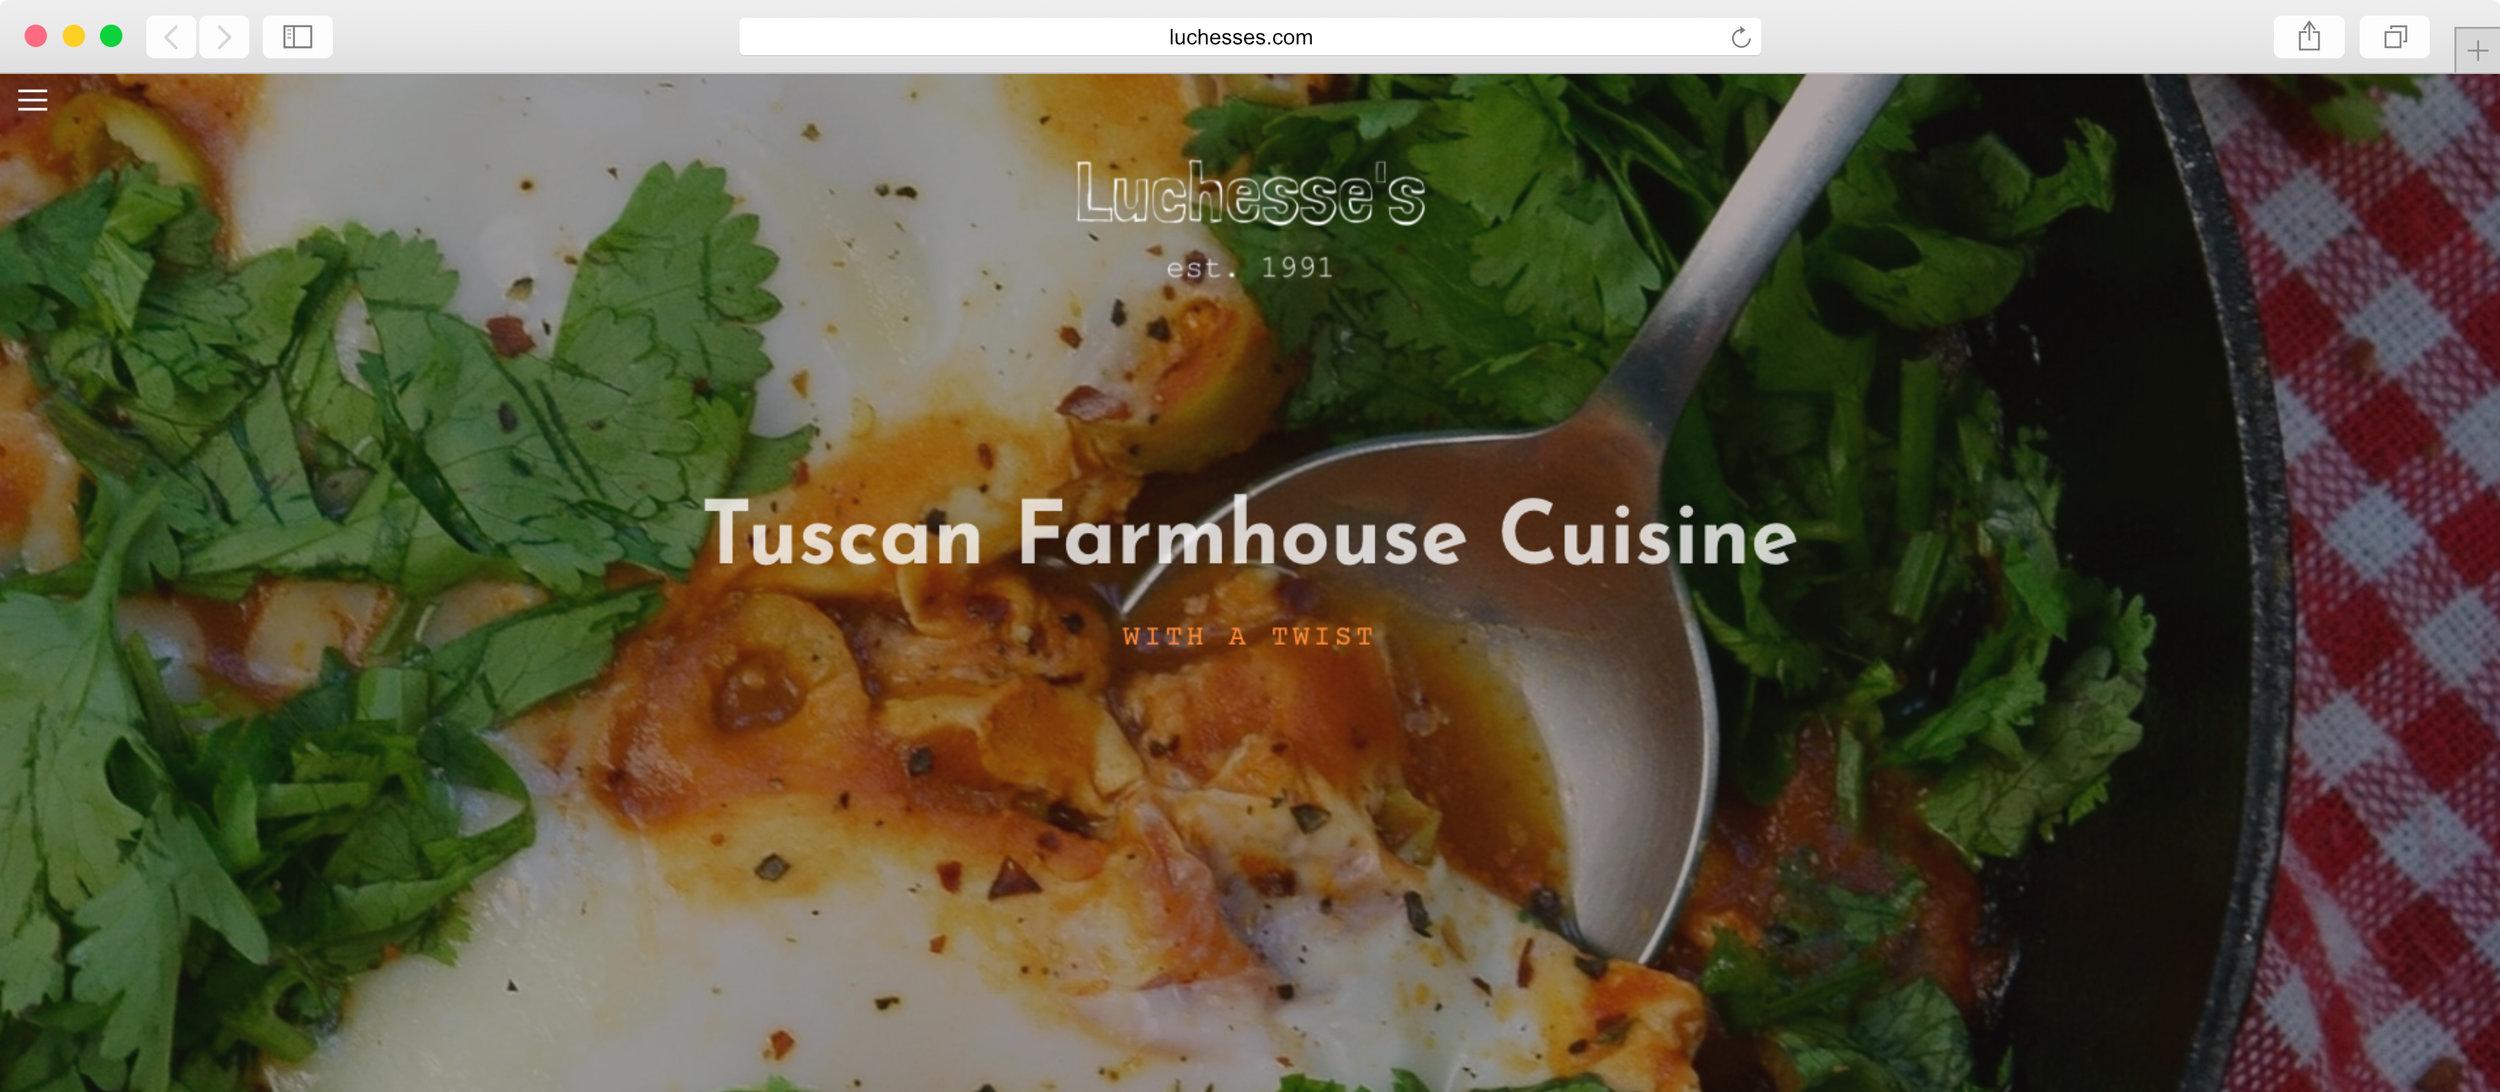 Luchesse's